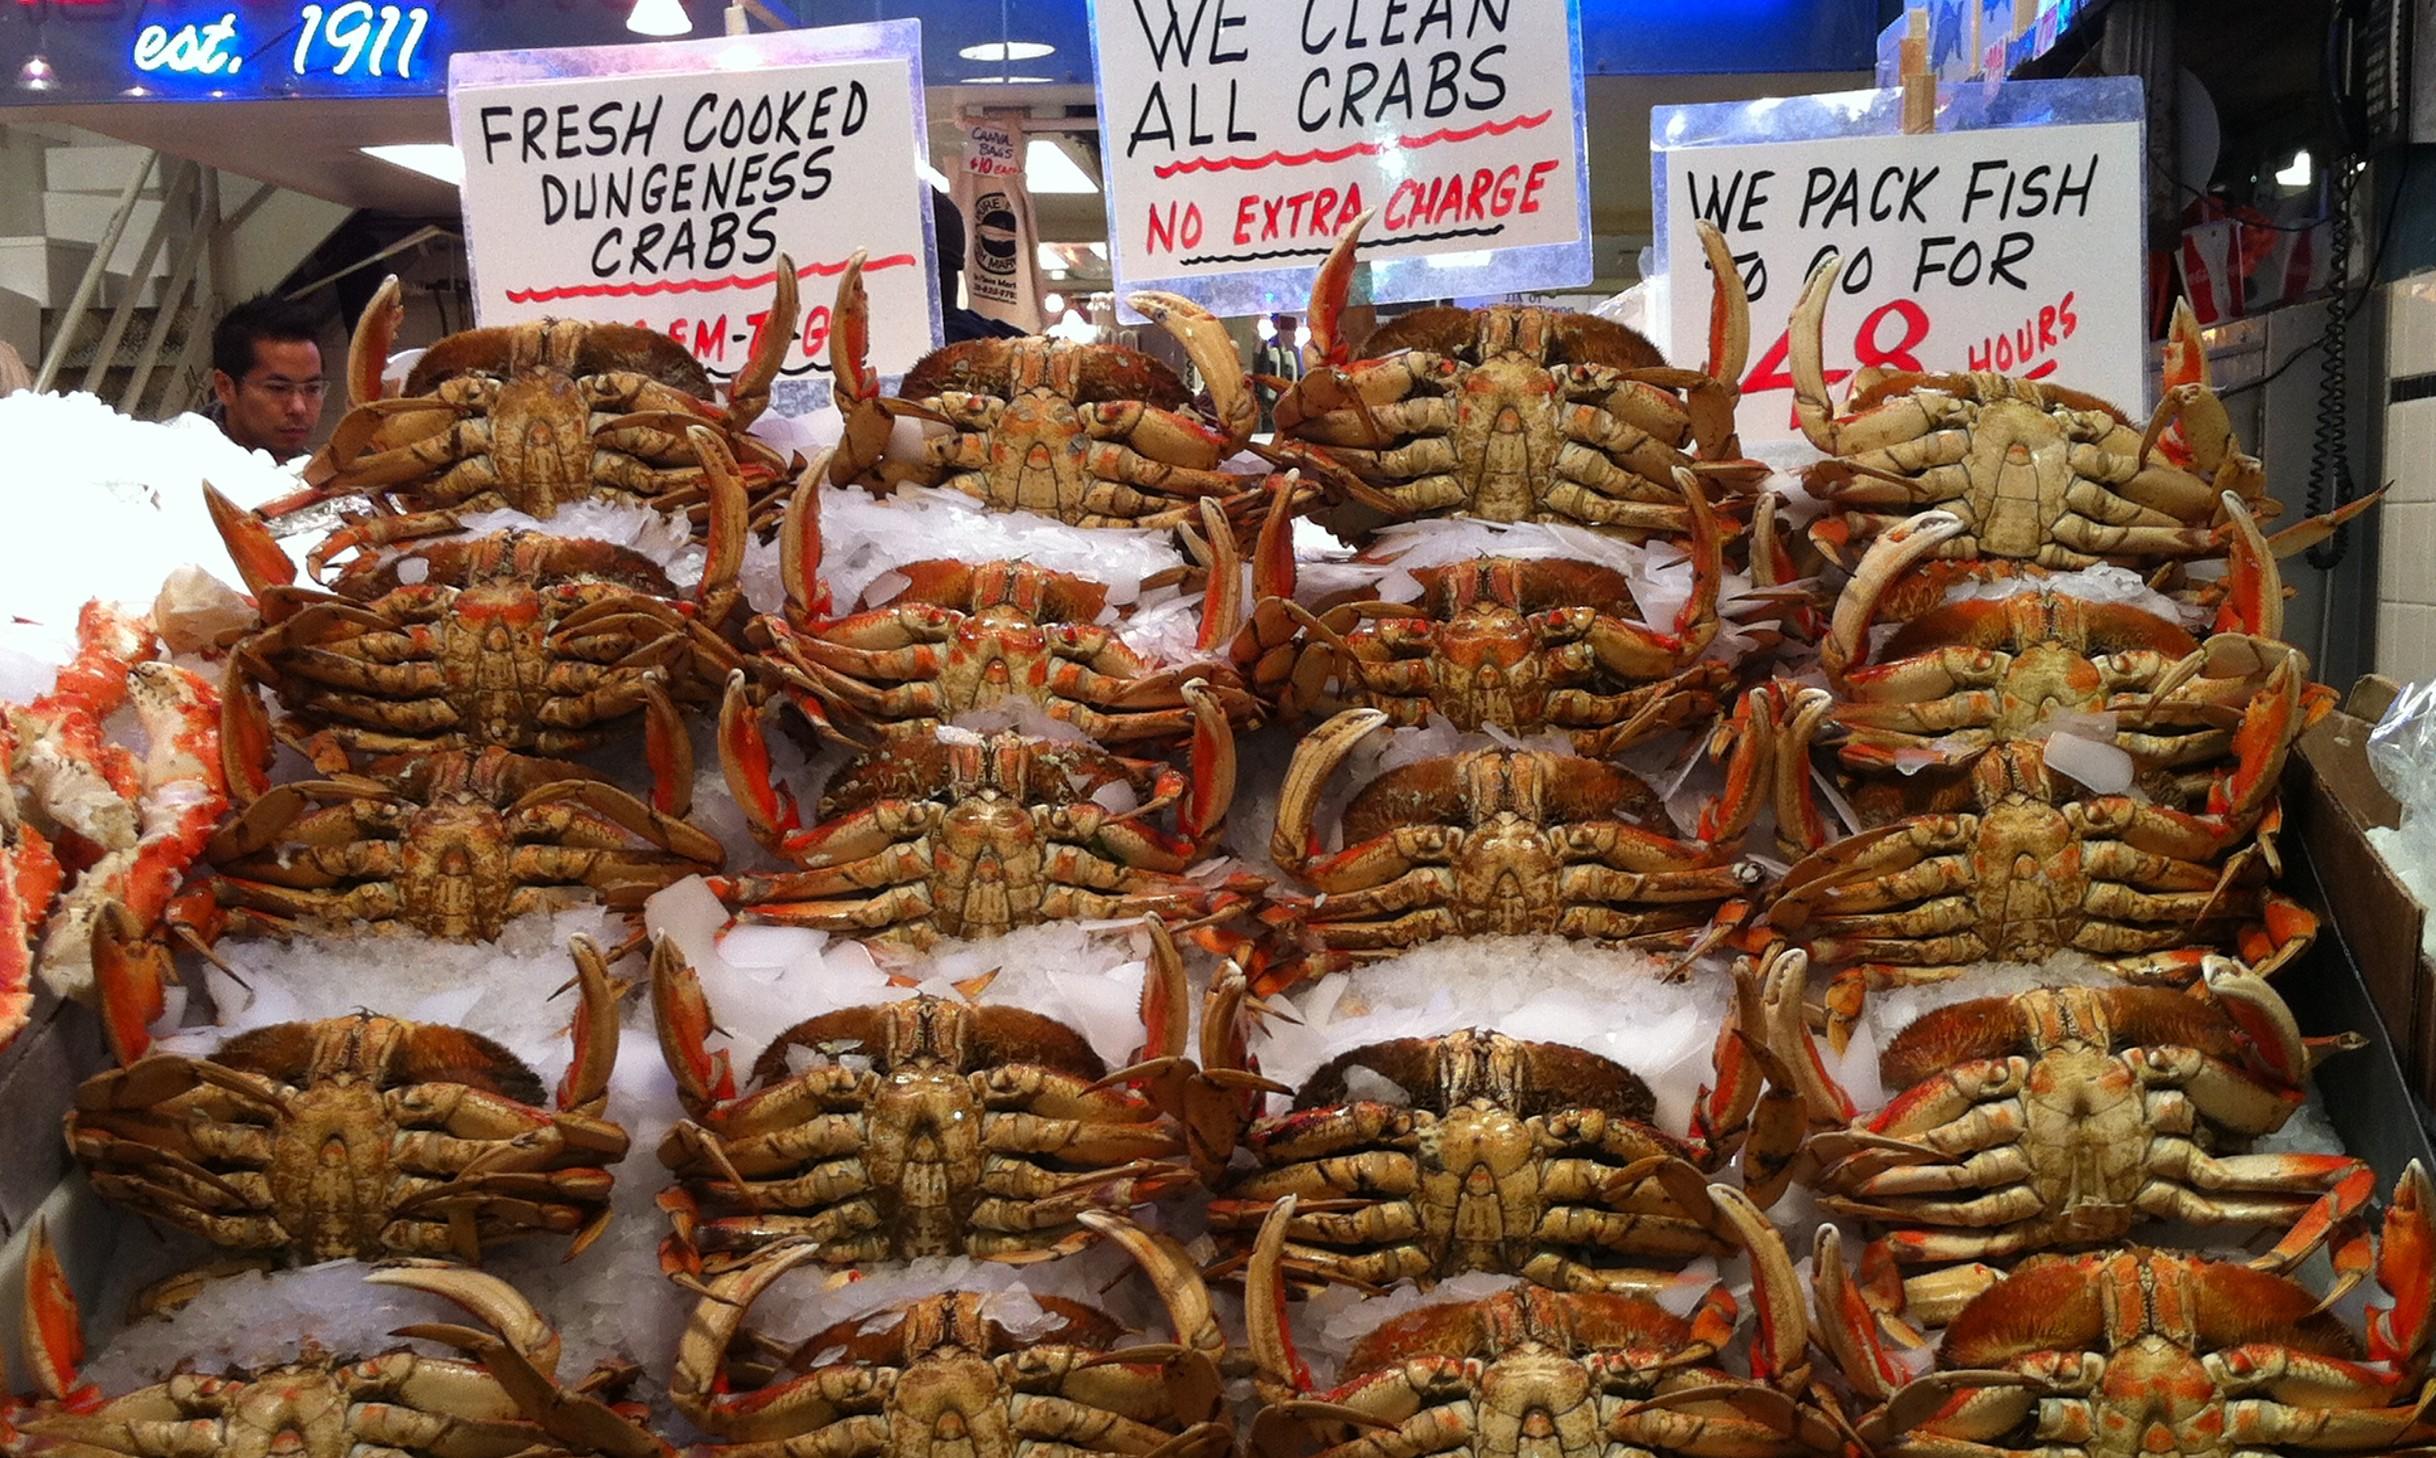 Crab-e1405377980514.jpg